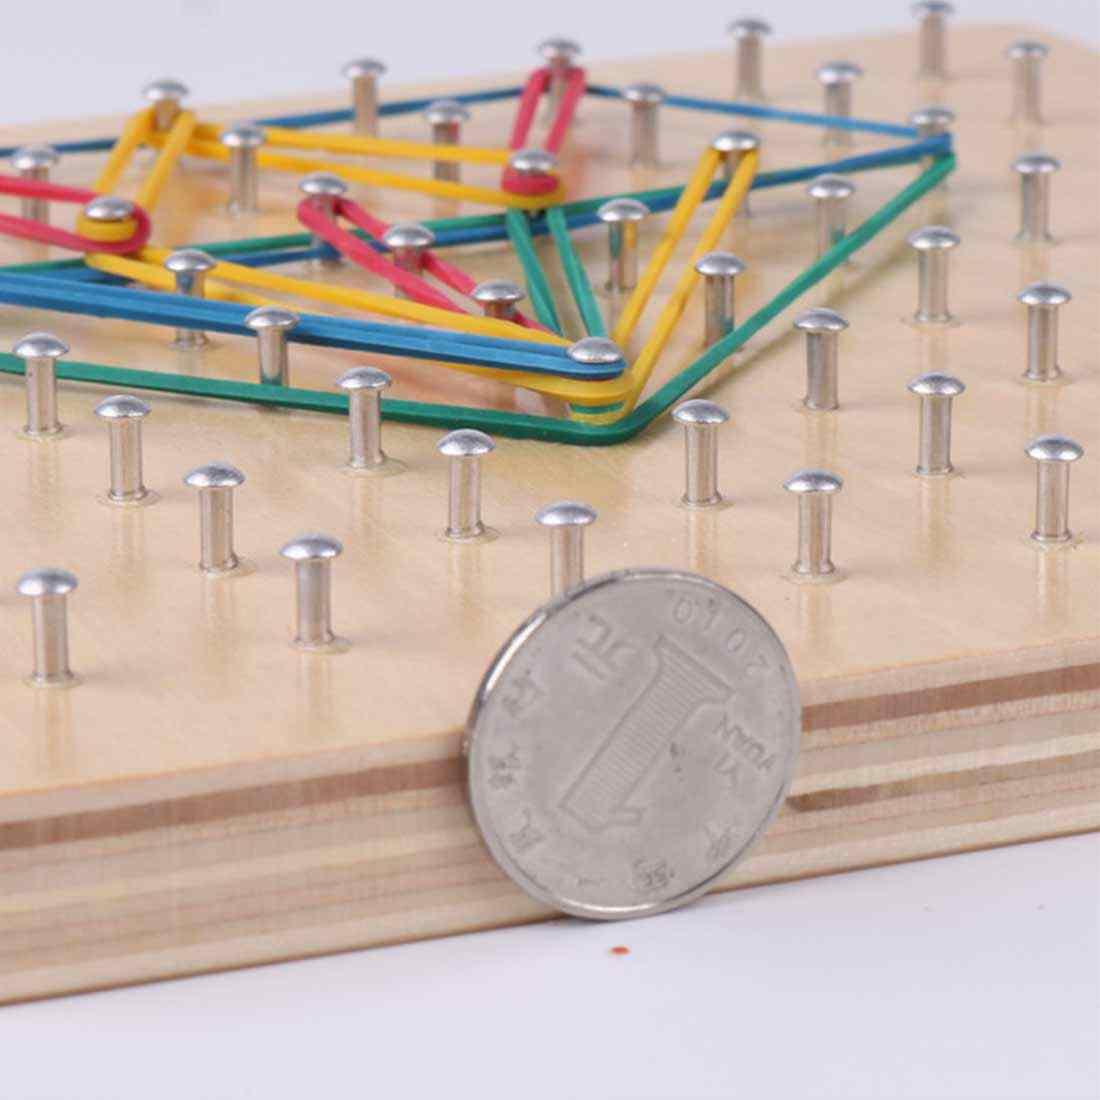 Детская развивающая игрушка для детей Детская игрушка деревянный Творческий Графика резиновые галстуком-бабочкой пилки для ногтей с картами дошкольного возраста